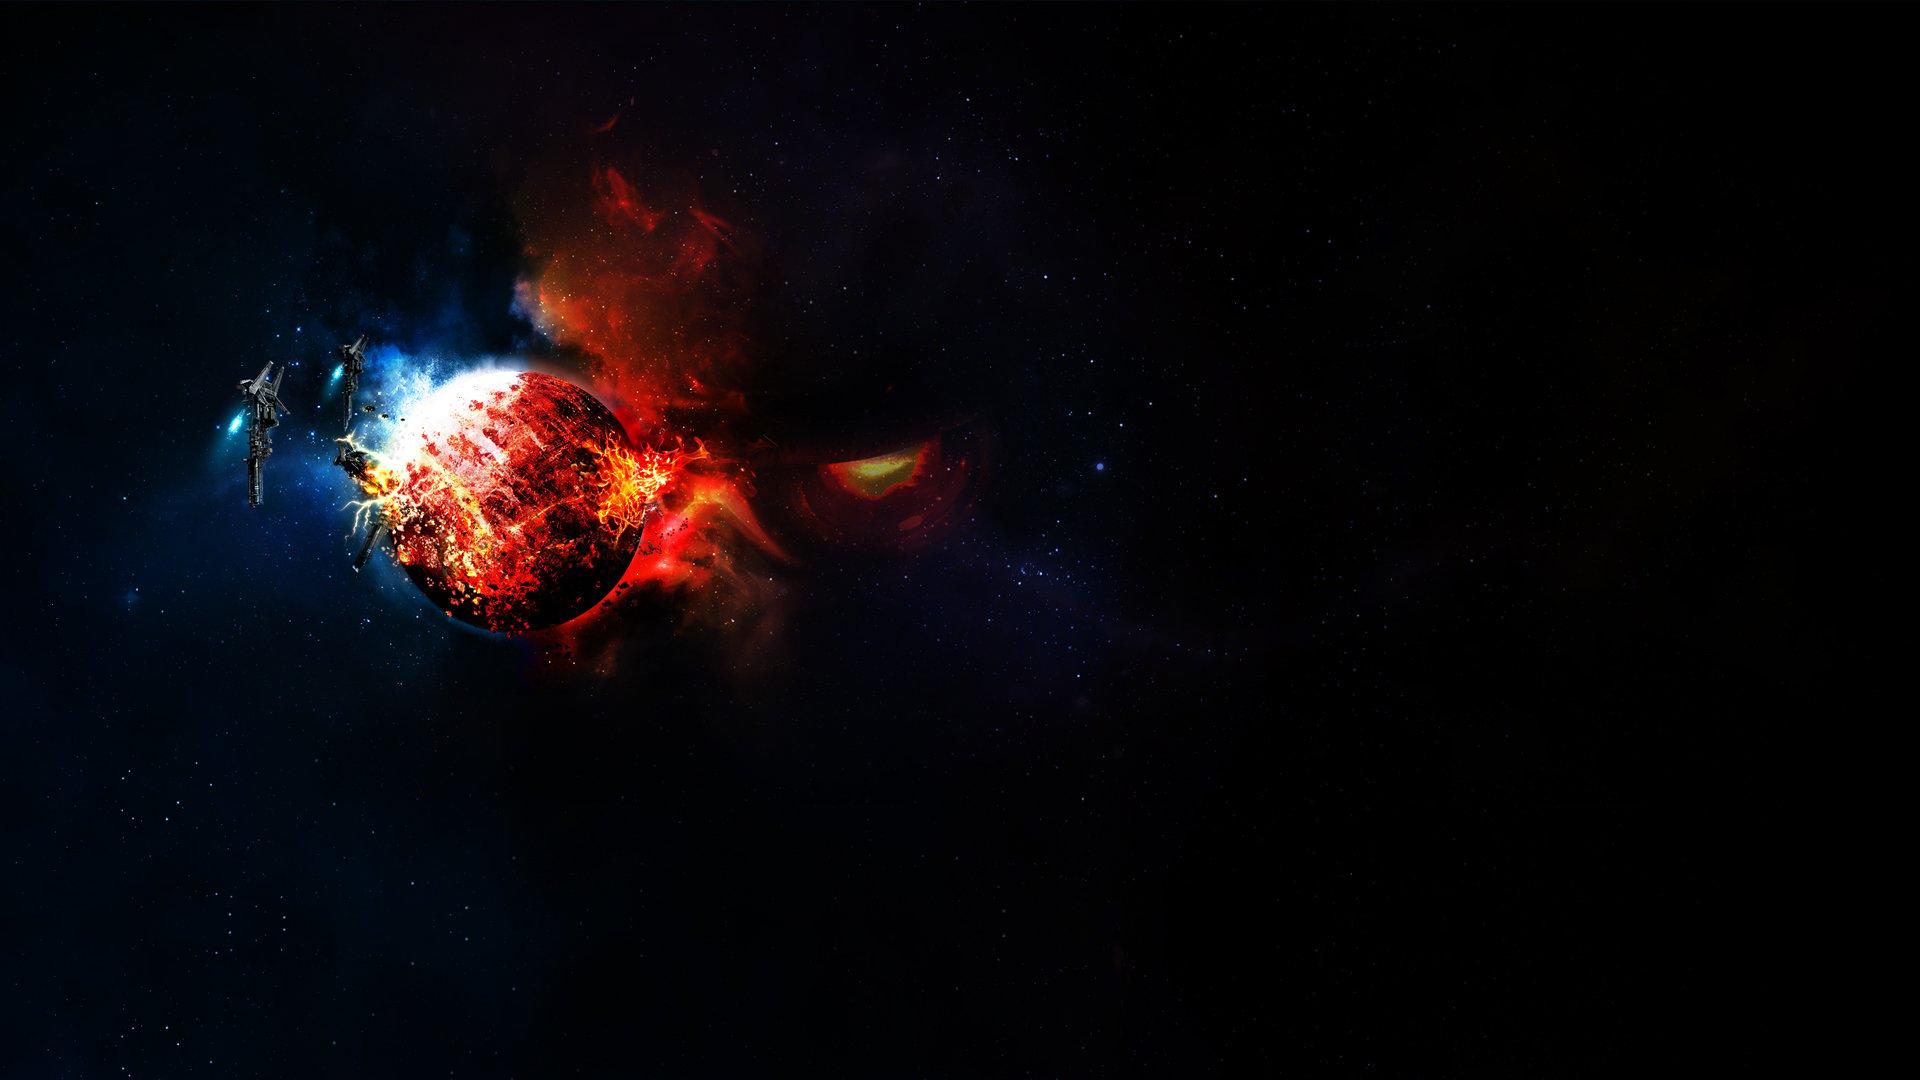 Space War wallpaper 26762 1920x1080